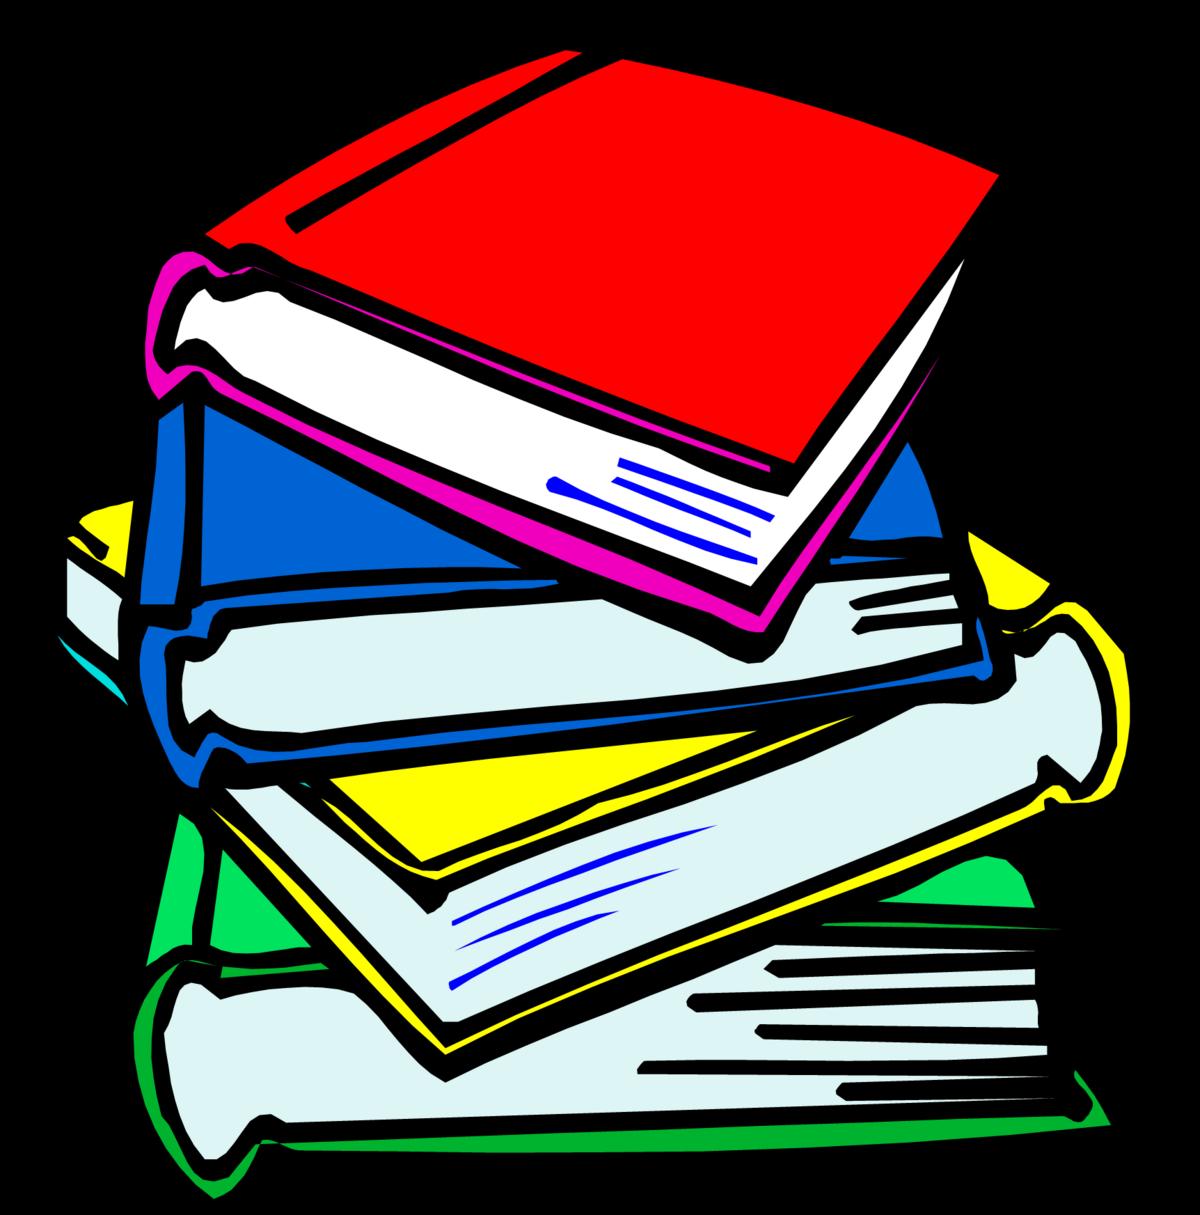 school-books-images